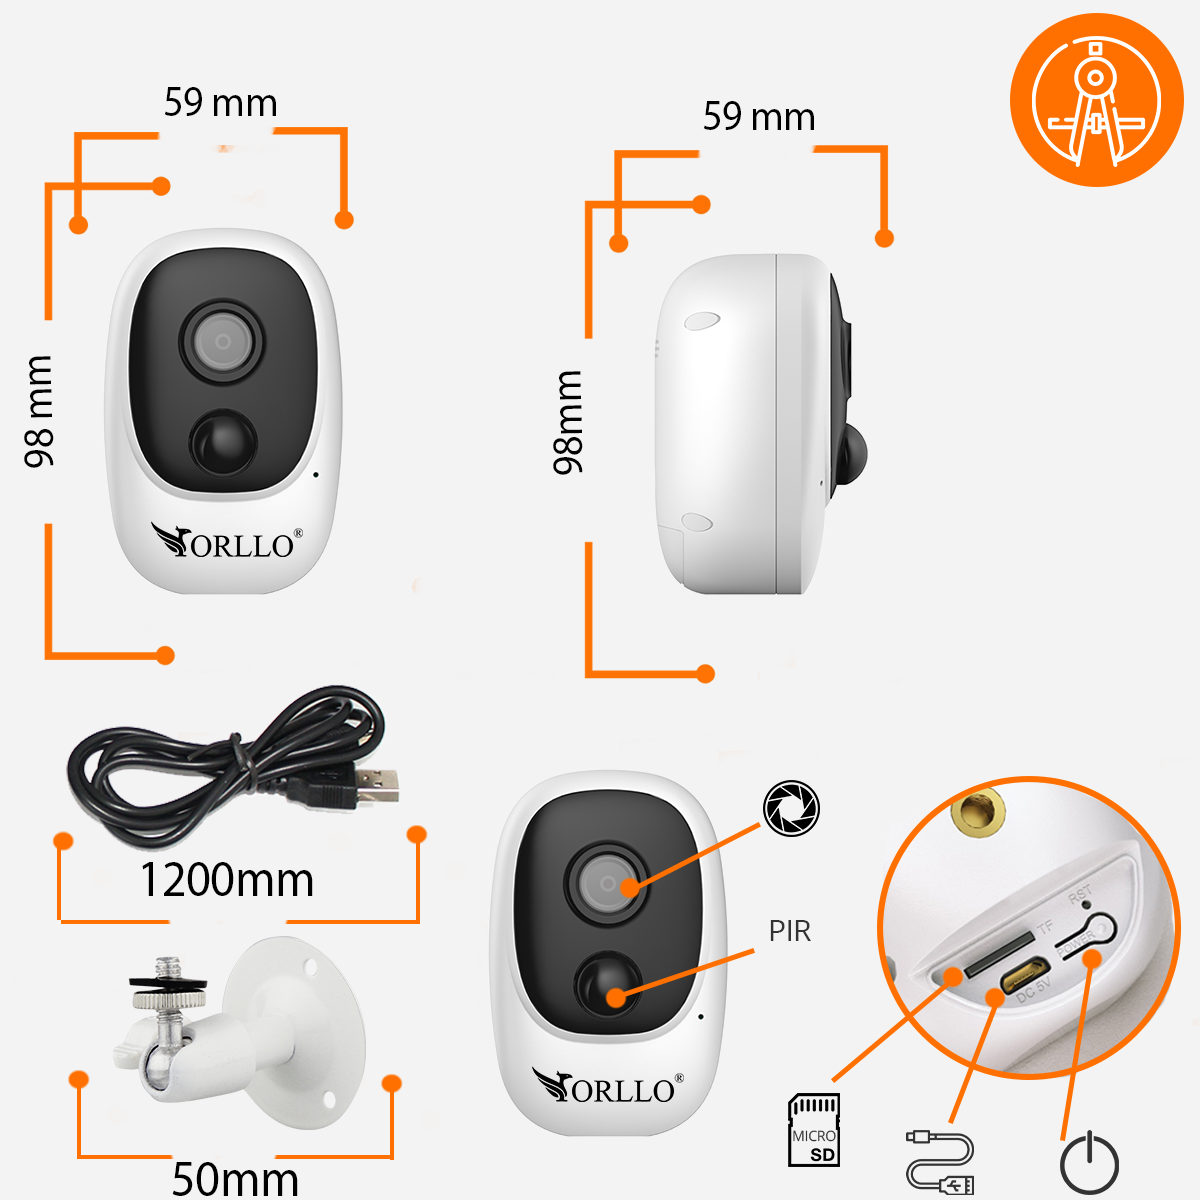 kamera bezprzewodowa WiFI do samochodu orllo.pll